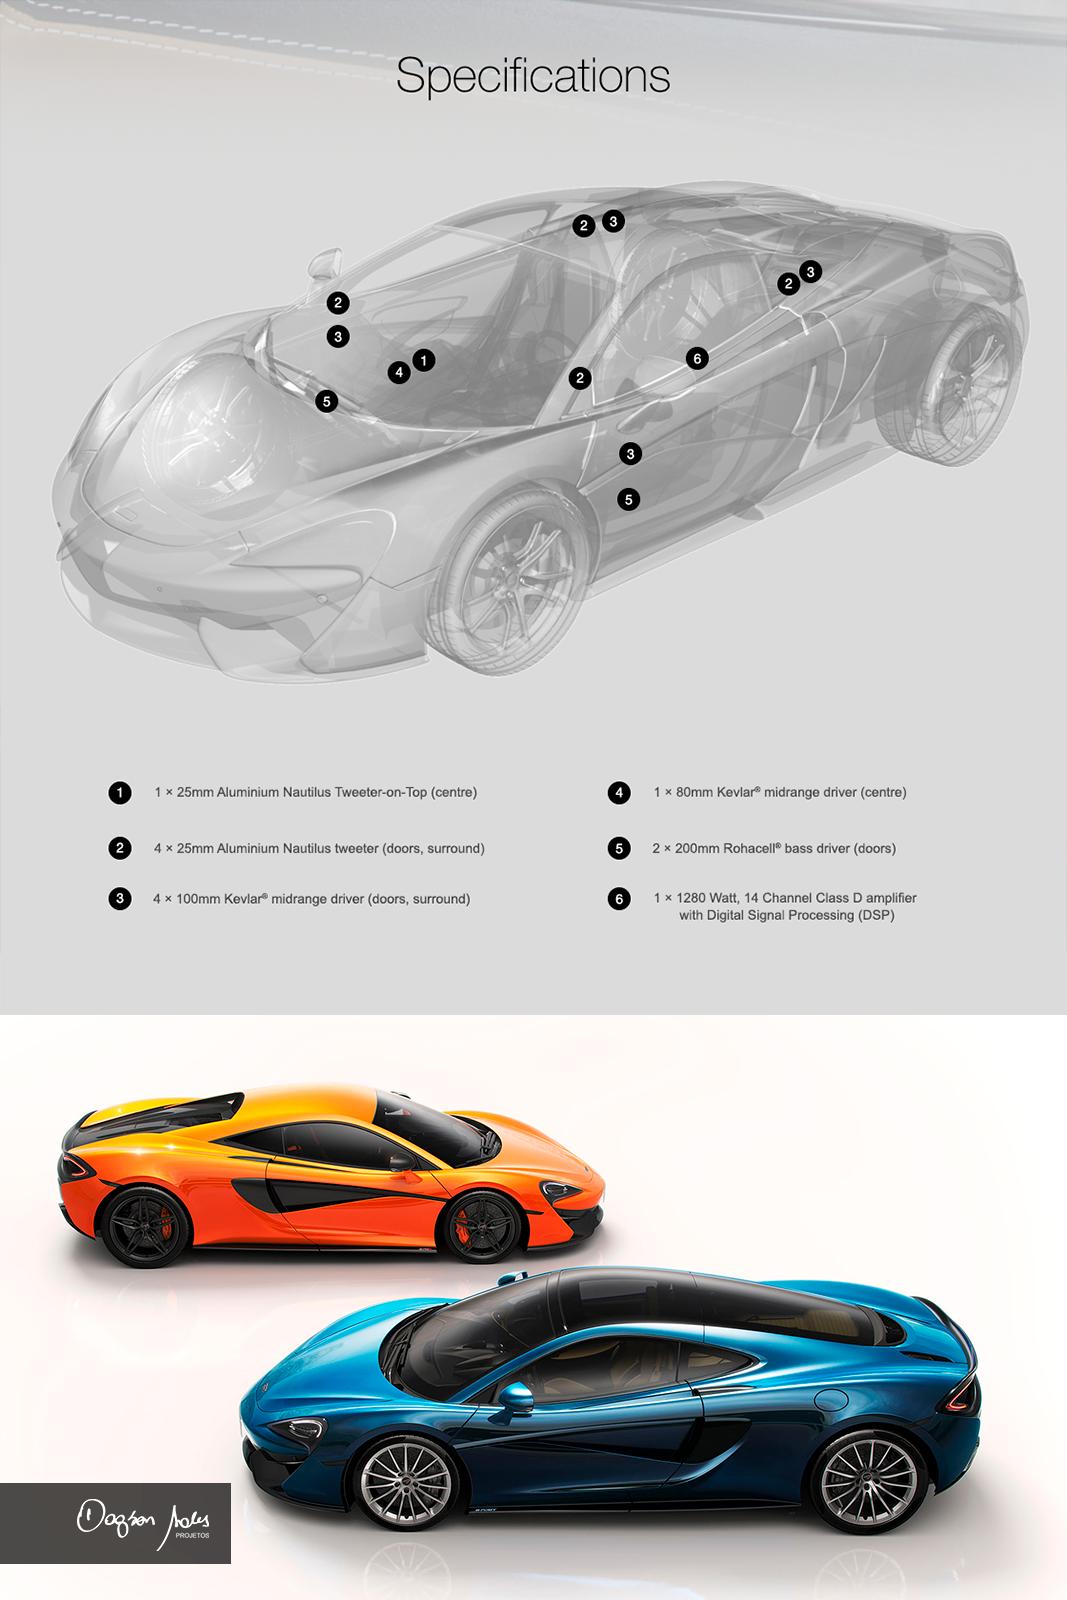 Distribuição dos falantes B&W Bowers & Wilkins nos automóveis McLaren | Dagson Sales Projetos